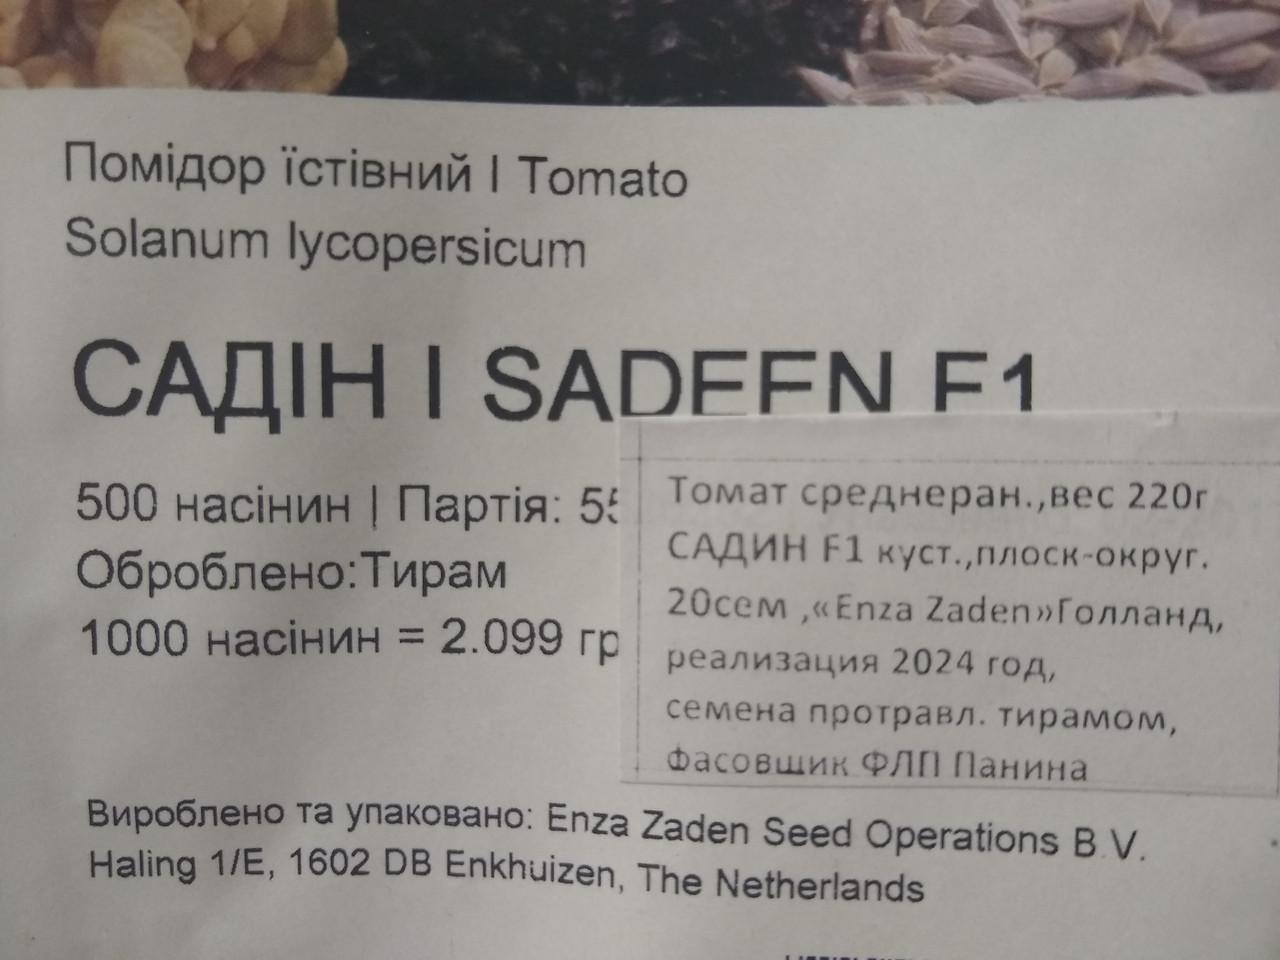 Семена томата среднераннего кустового плоско-округлый Садин F1 20 семян Enza Zaden Голландия